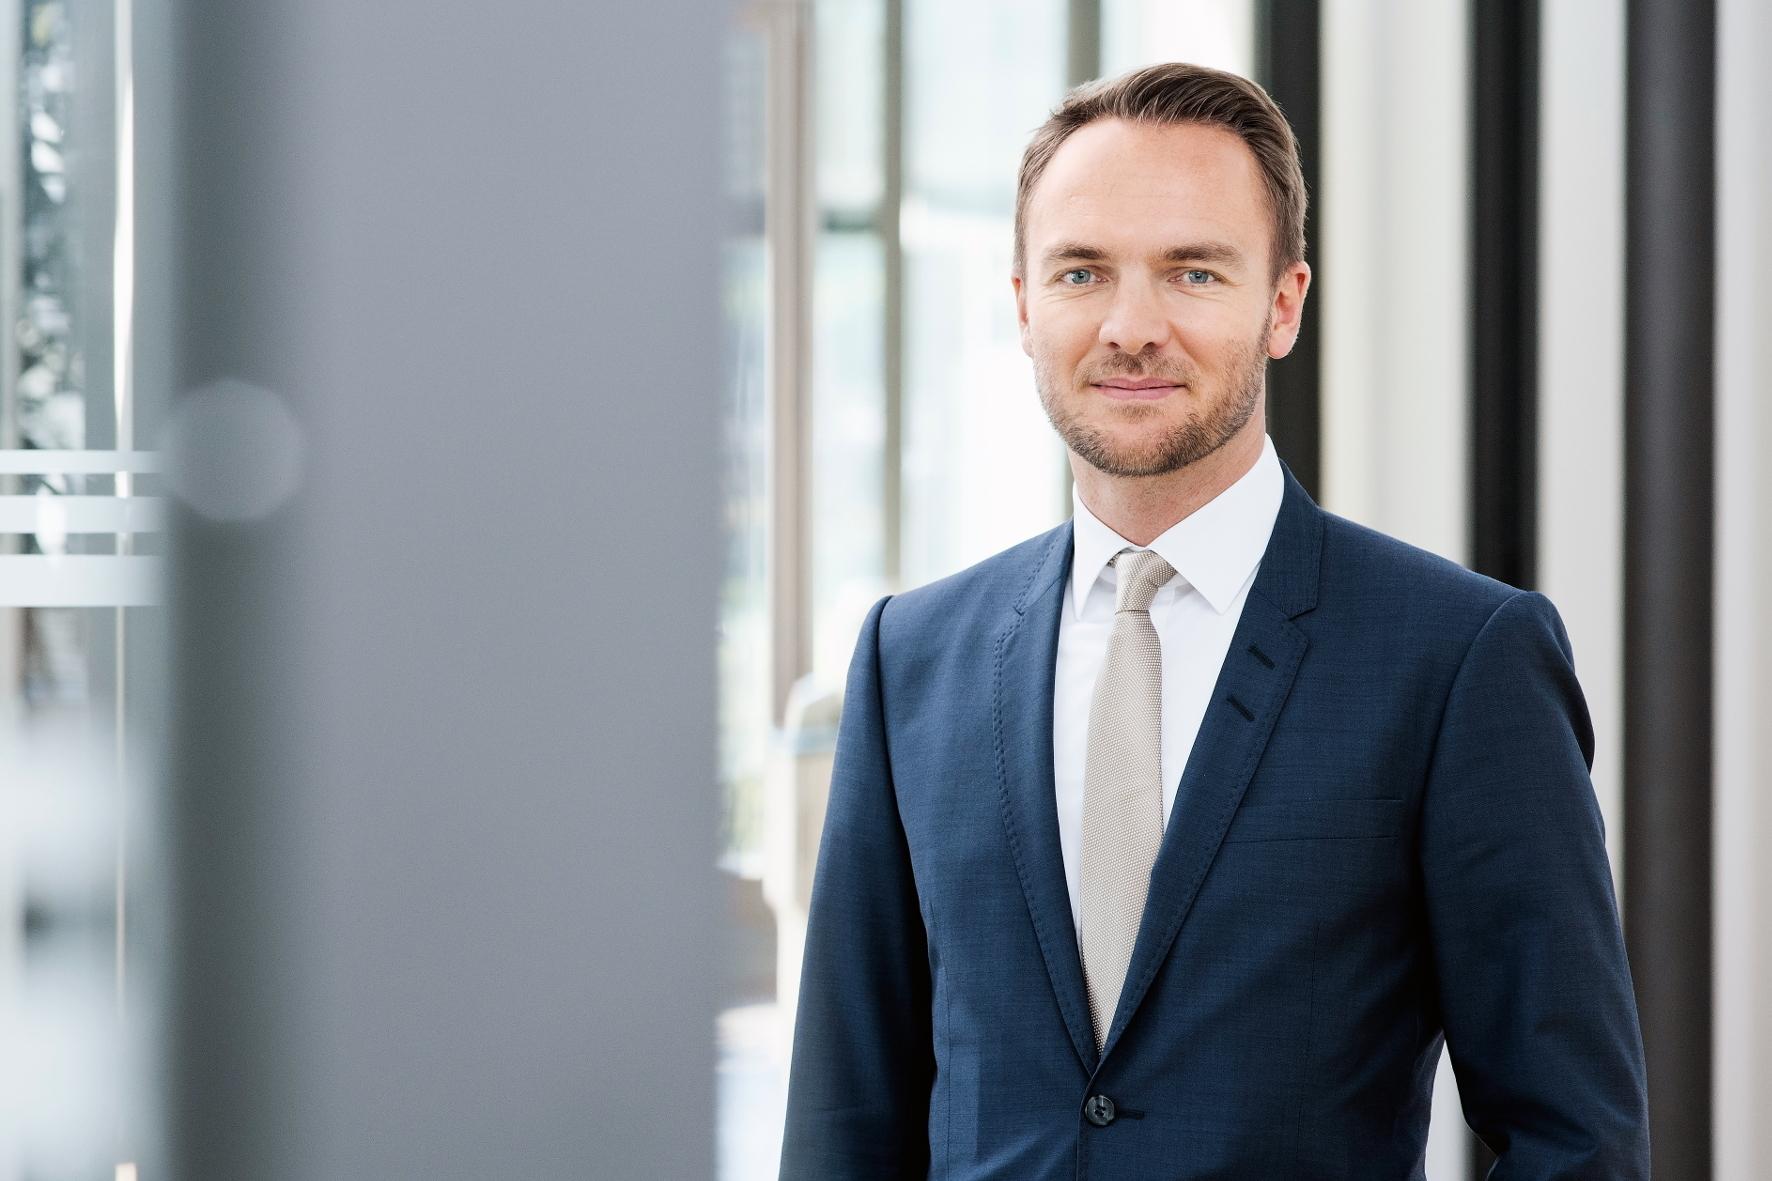 mid Groß-Gerau - Bei dem neuen AKASOL-Batteriesystem profitieren die Kunden laut Geschäftsführer Sven Schulz dabei von den Skalierungseffekten. Dadurch werden die Energiespeicher günstiger.